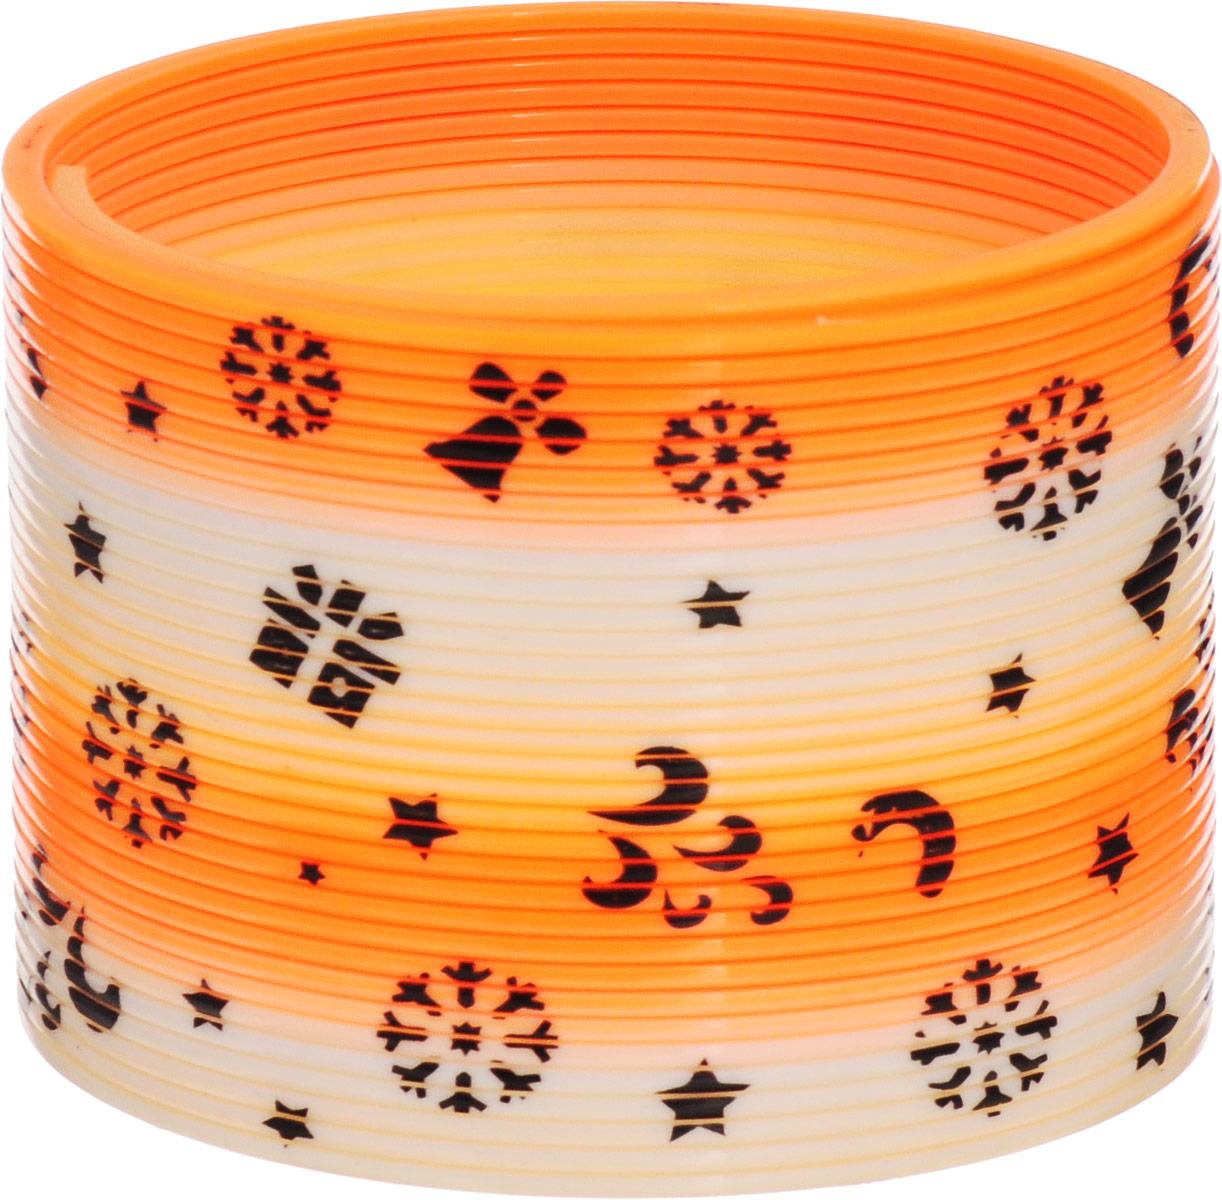 Sima-land Антистрессовая игрушка Пружинка-радуга Узоры цвет оранжевый sima land антистрессовая игрушка пружинка радуга мышка